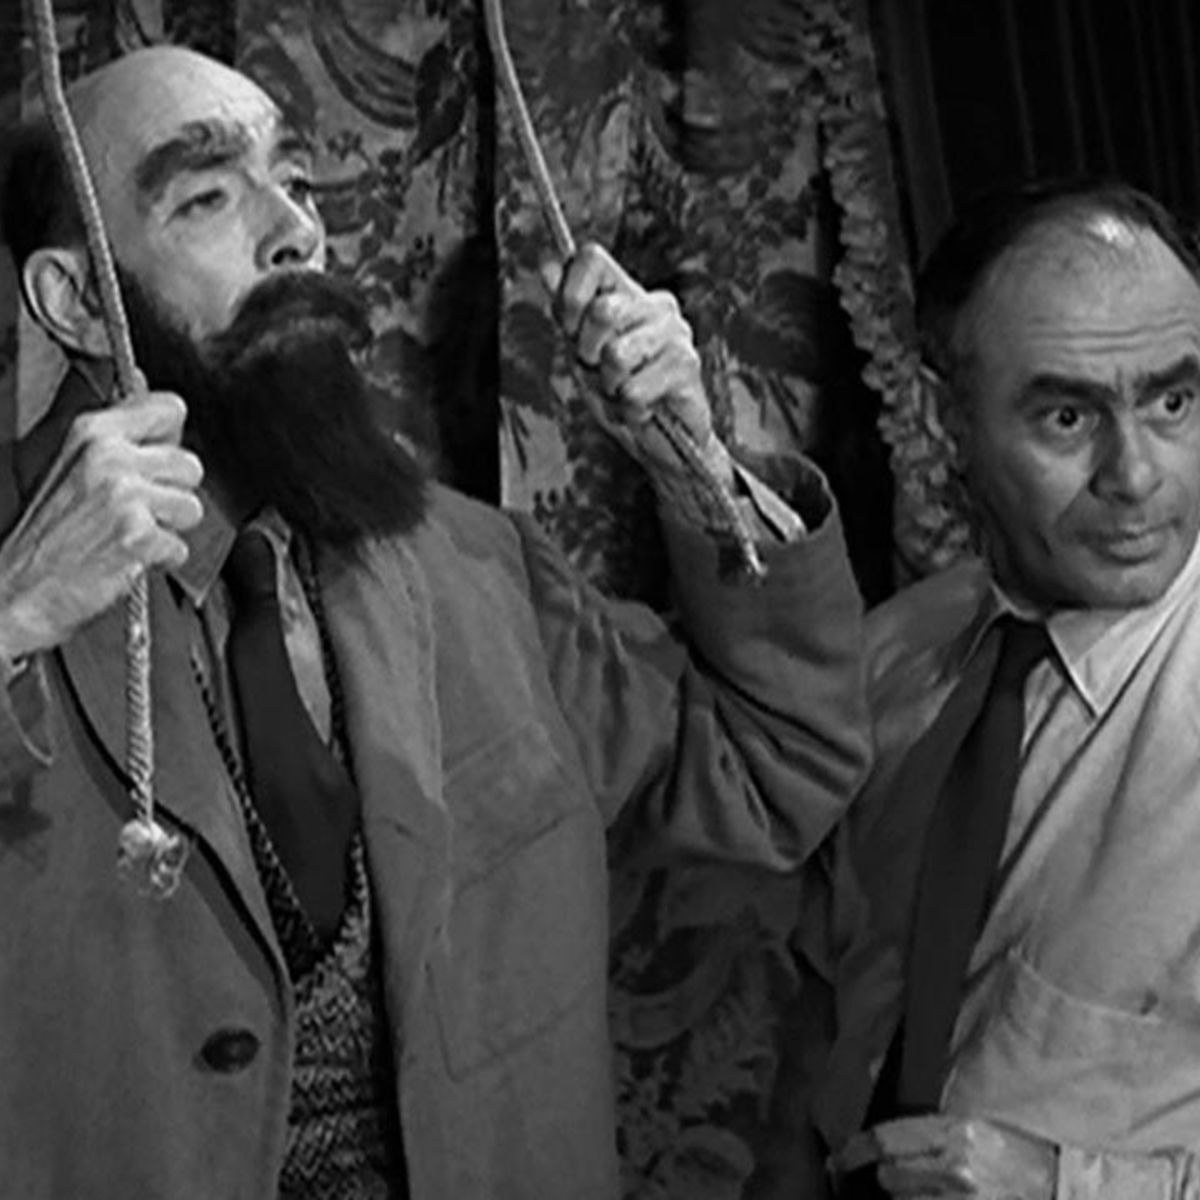 The Twilight Zone The New Exhibit hero